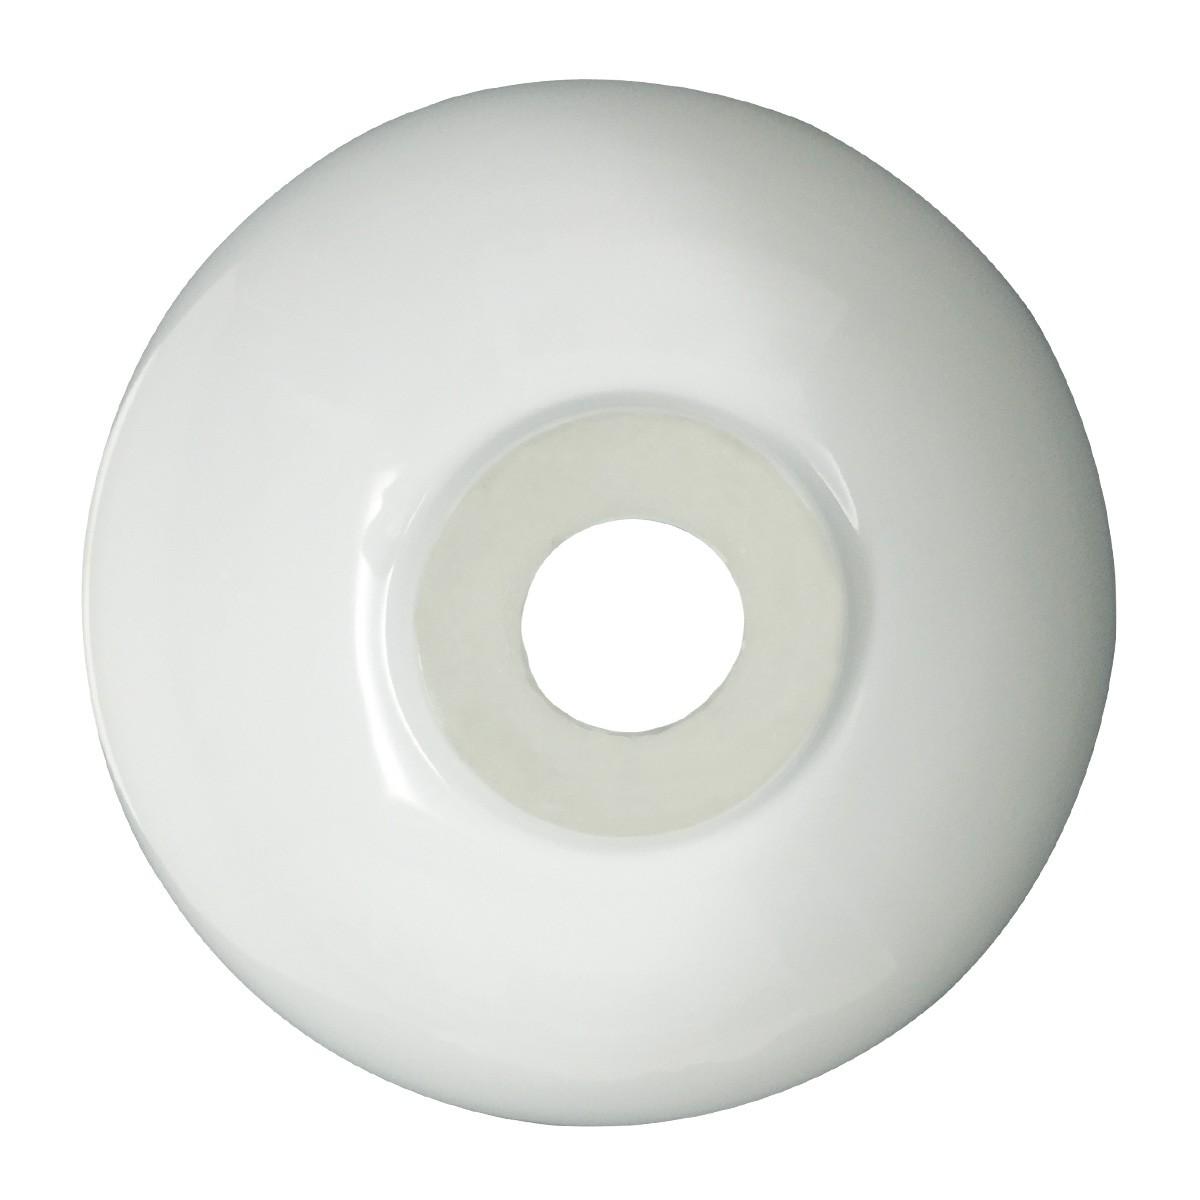 ... U003cPREu003eWhite Small Vessel Sink Mini Above Counter Round Bathroom Sink  11.25 Inches Dia ...